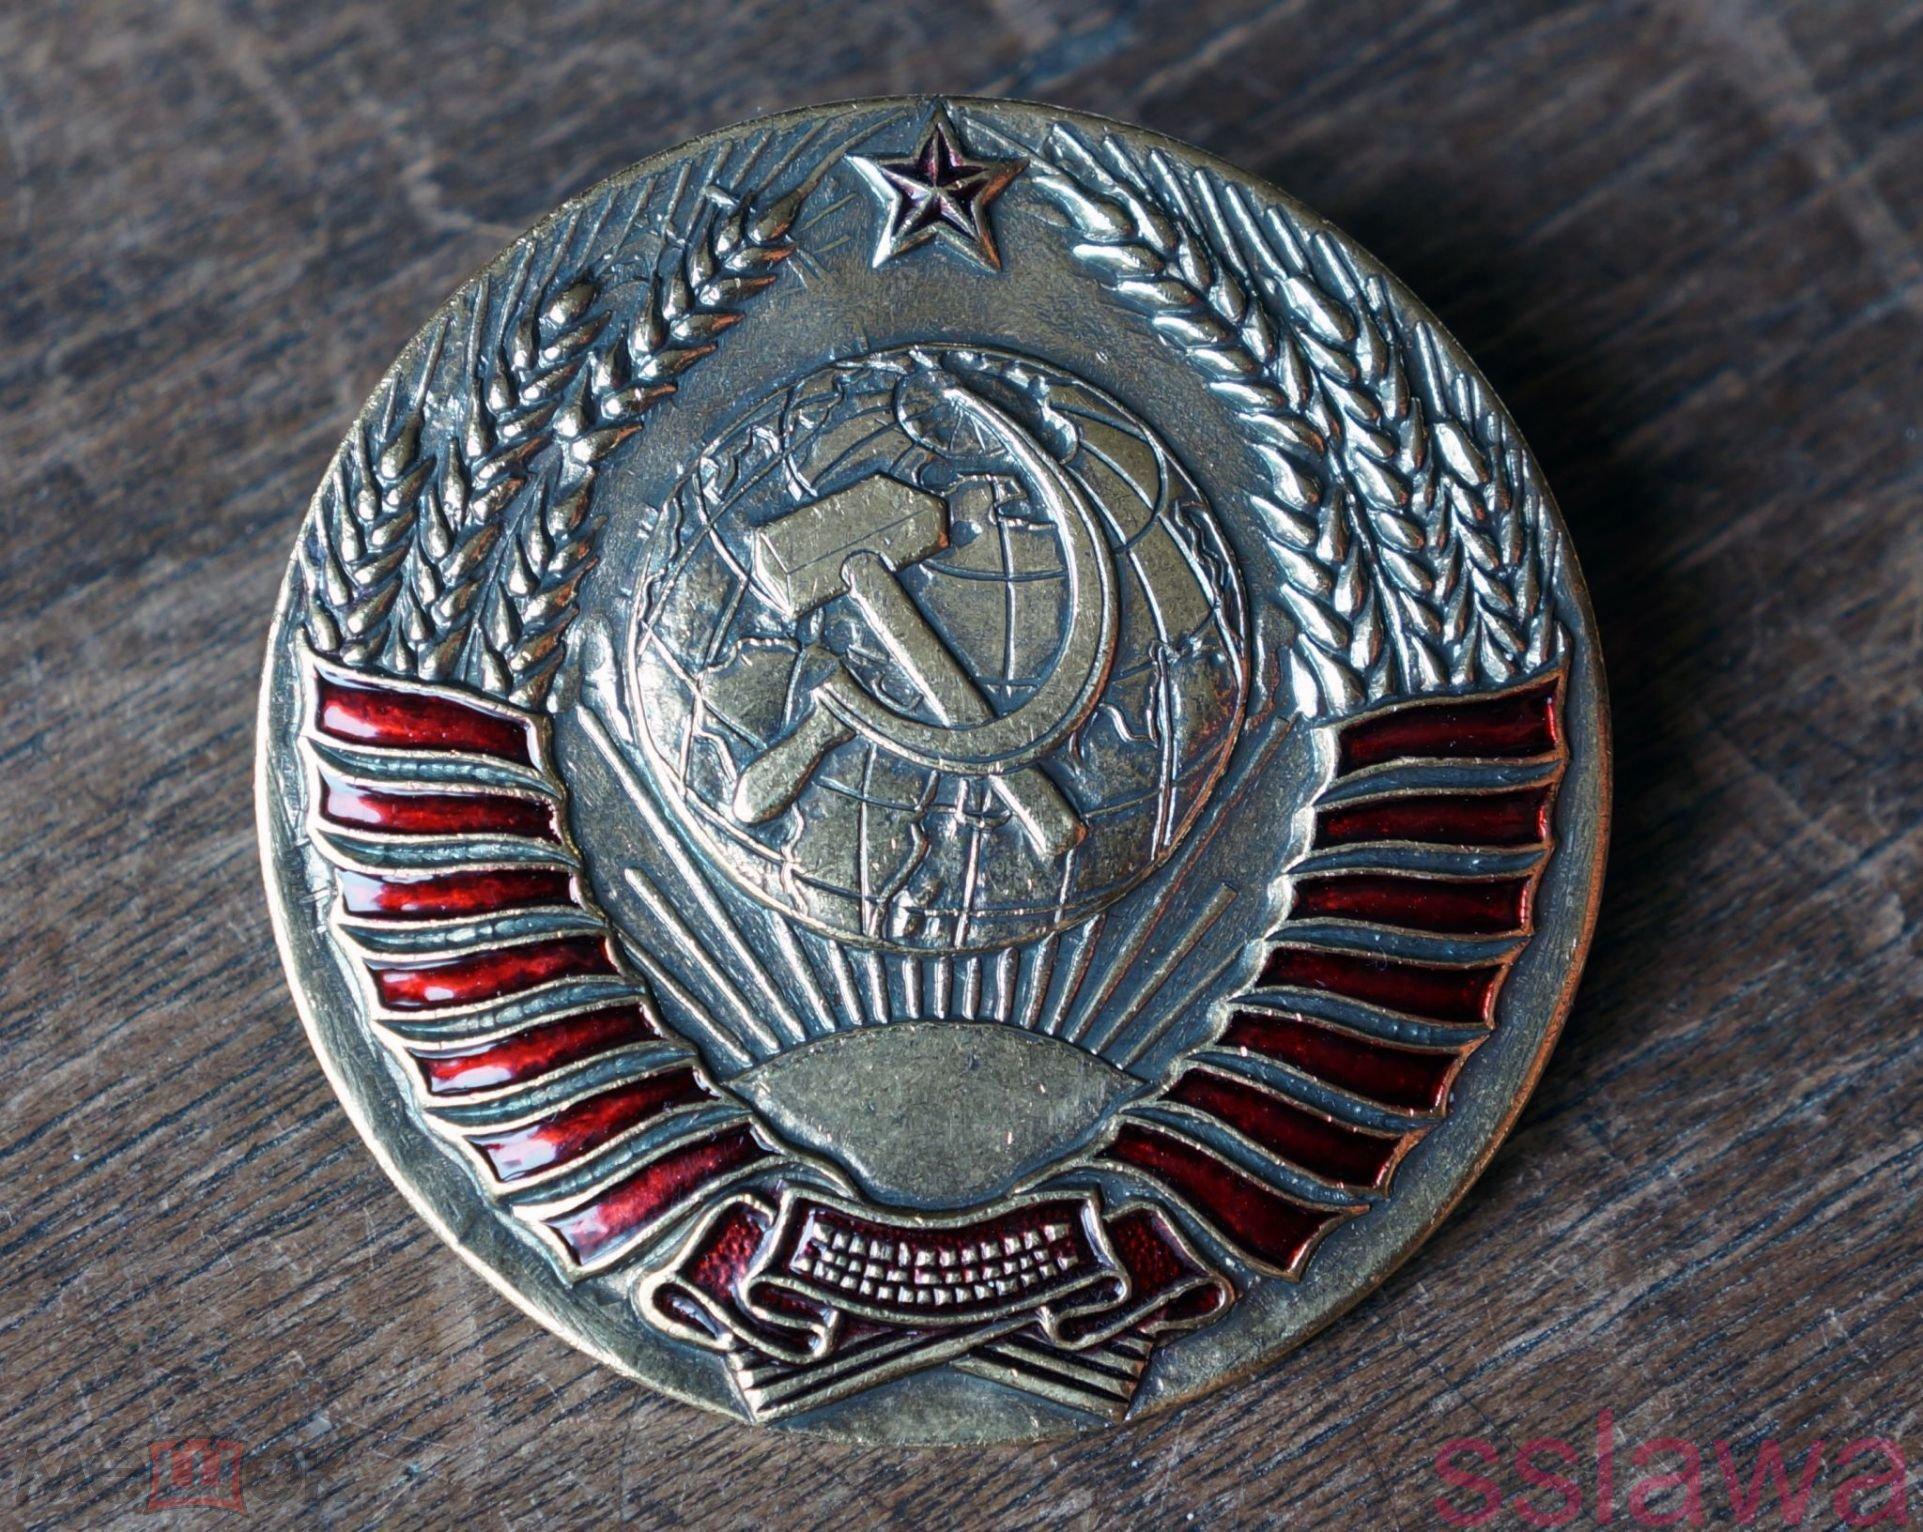 НА SPACES ФОТО ГЕРБА СССР СКАЧАТЬ БЕСПЛАТНО